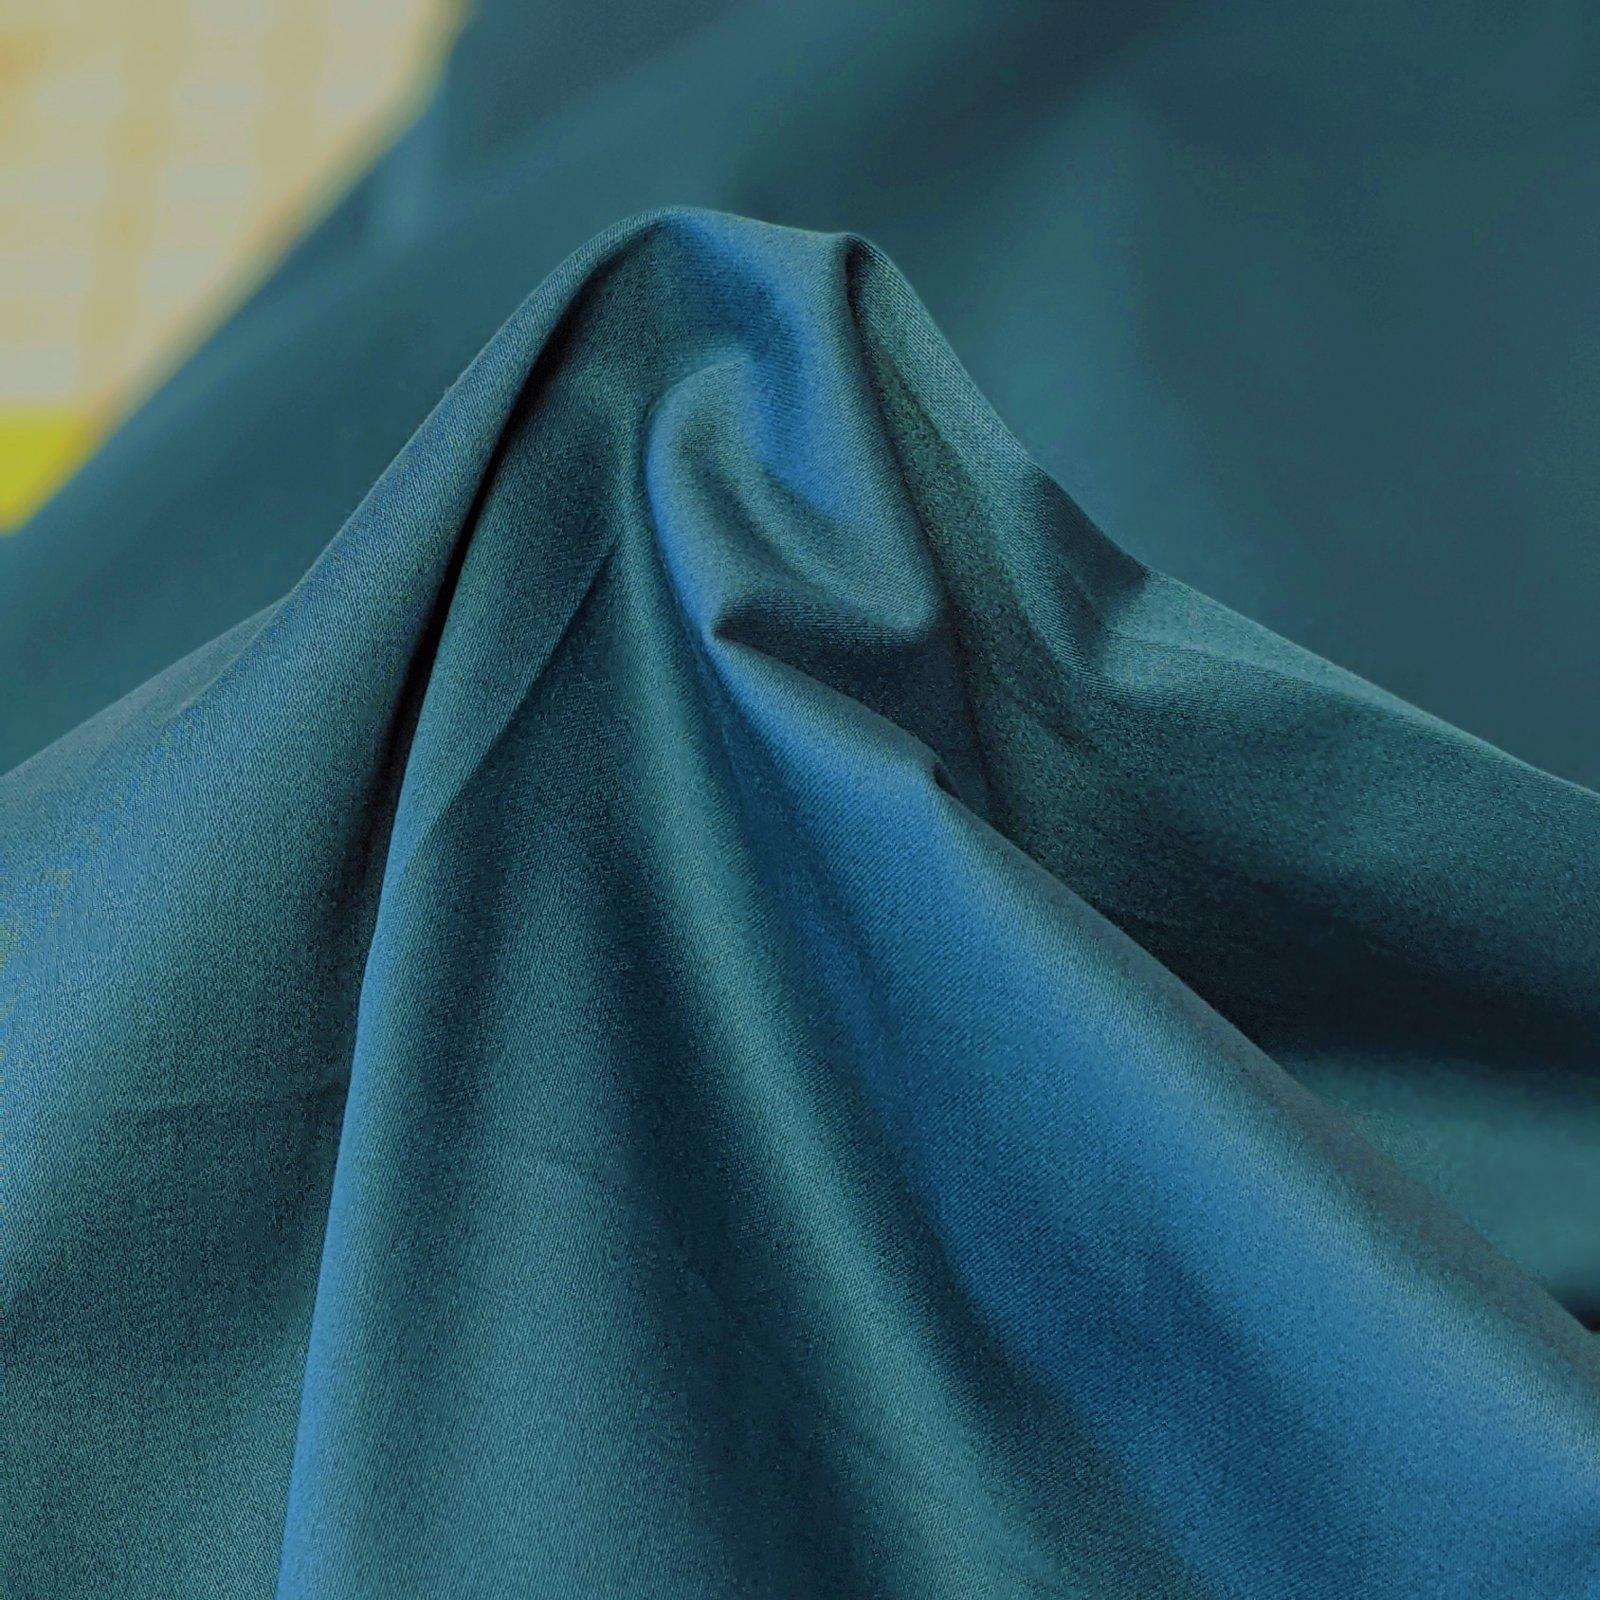 Cotton/Spandex Stretch Poplin - Peacock Blue